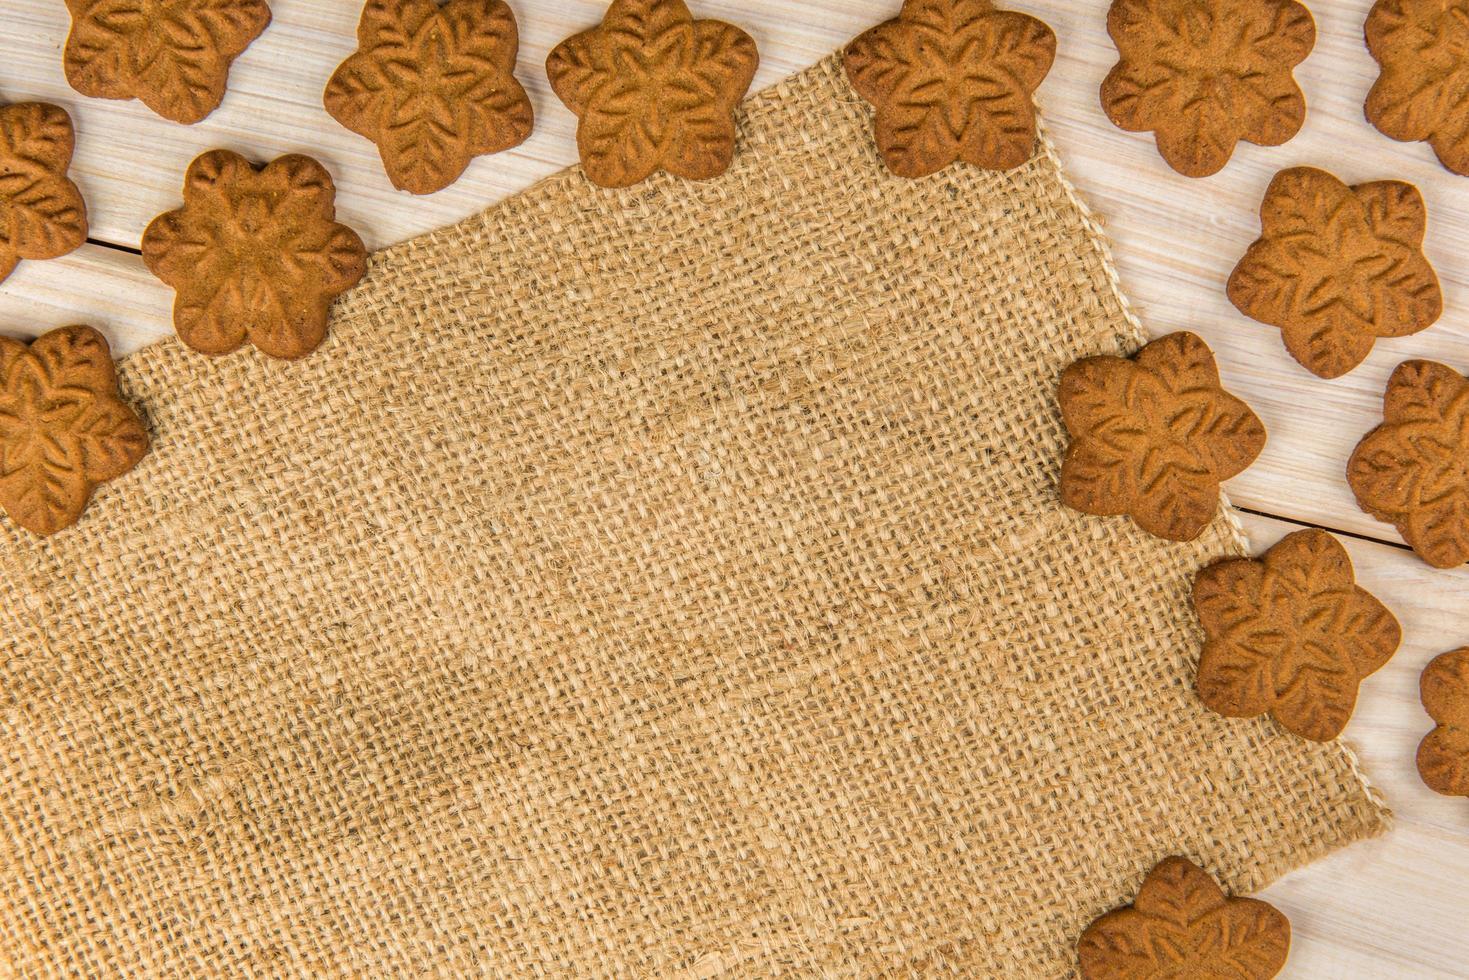 biscoitos de floco de neve com tecido foto